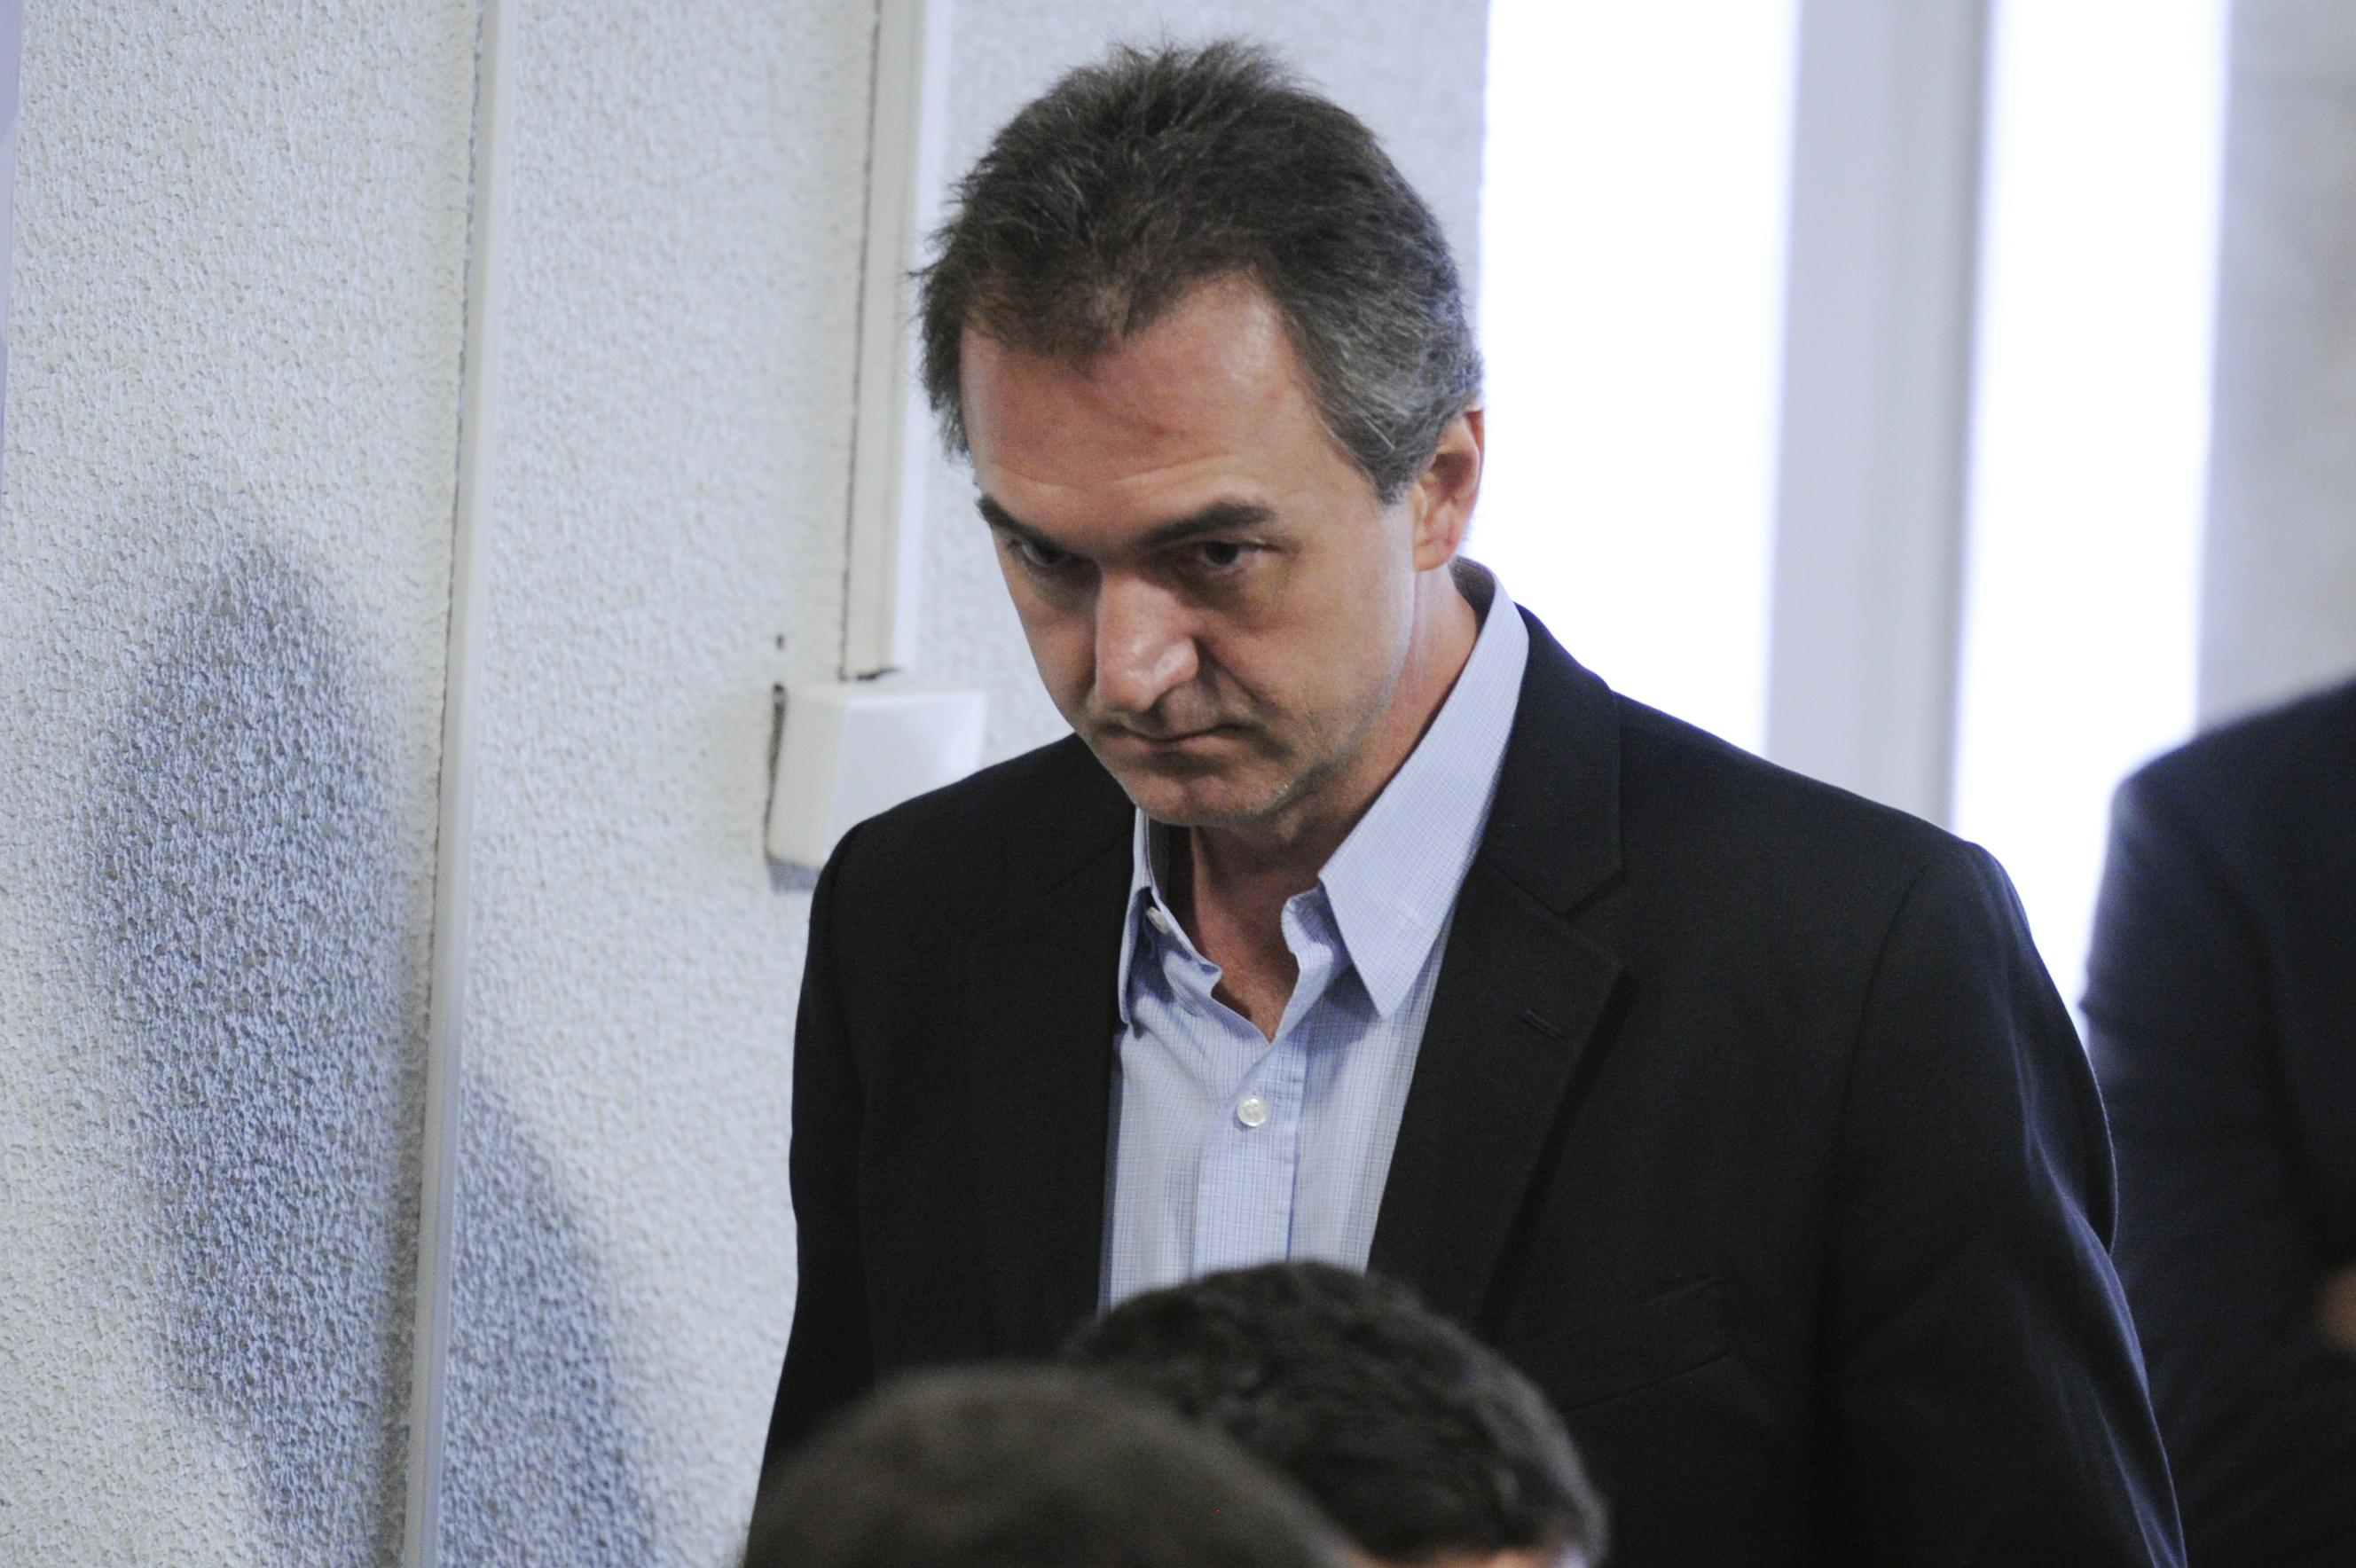 IMAGEM: Delatores da J&F jamais atribuíram crimes a mais de 1.800 pessoas, diz defesa